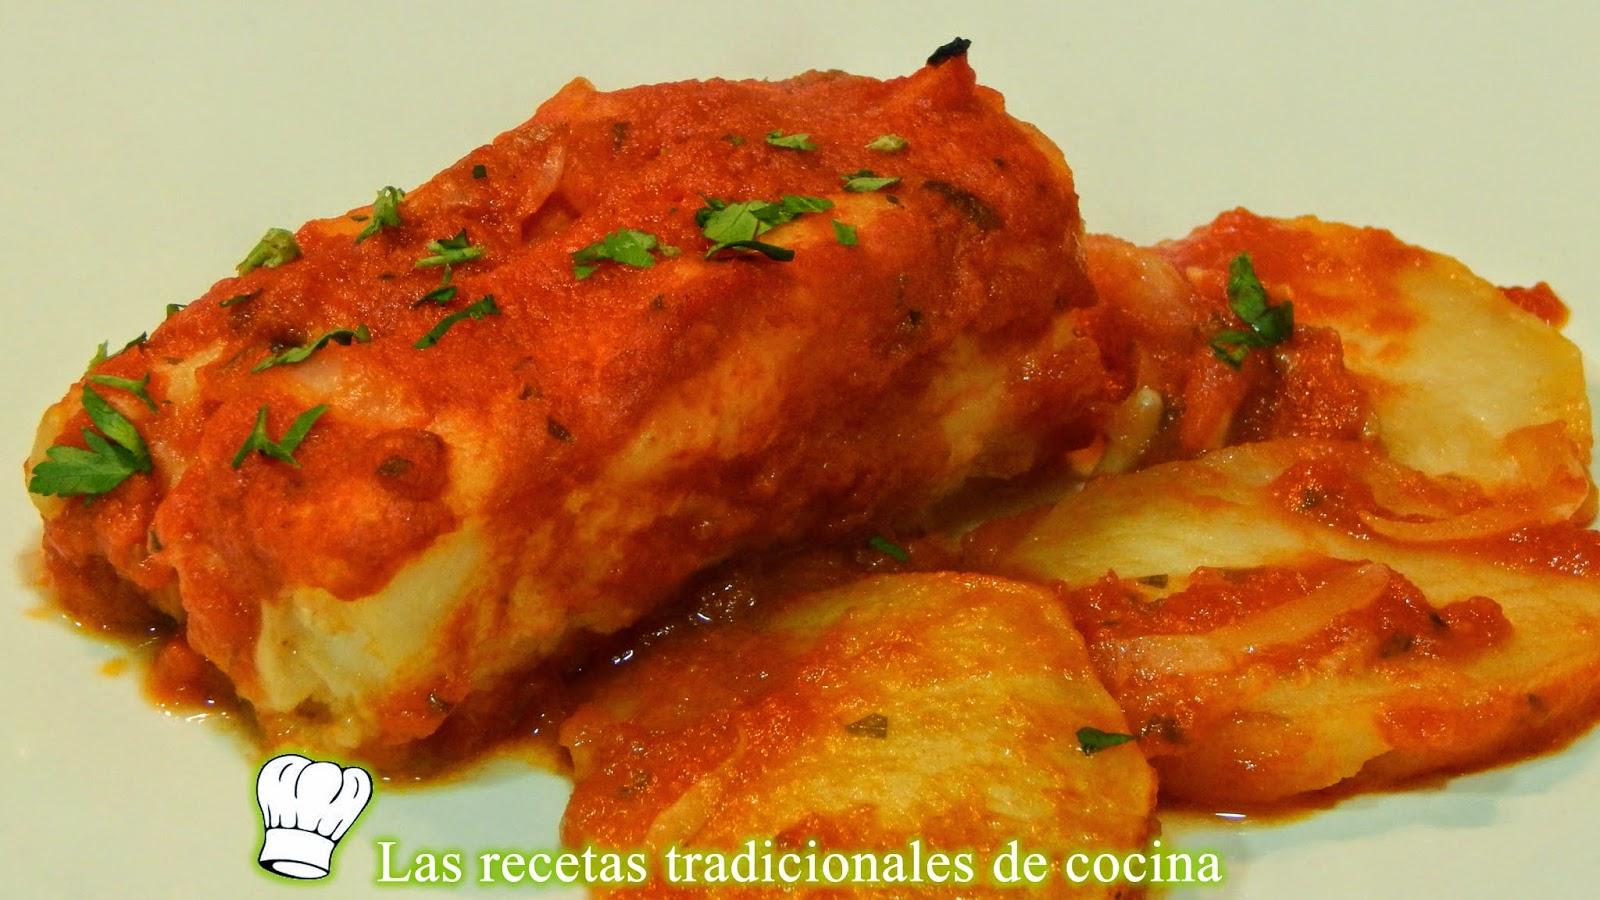 Bacalao en salsa de tomate